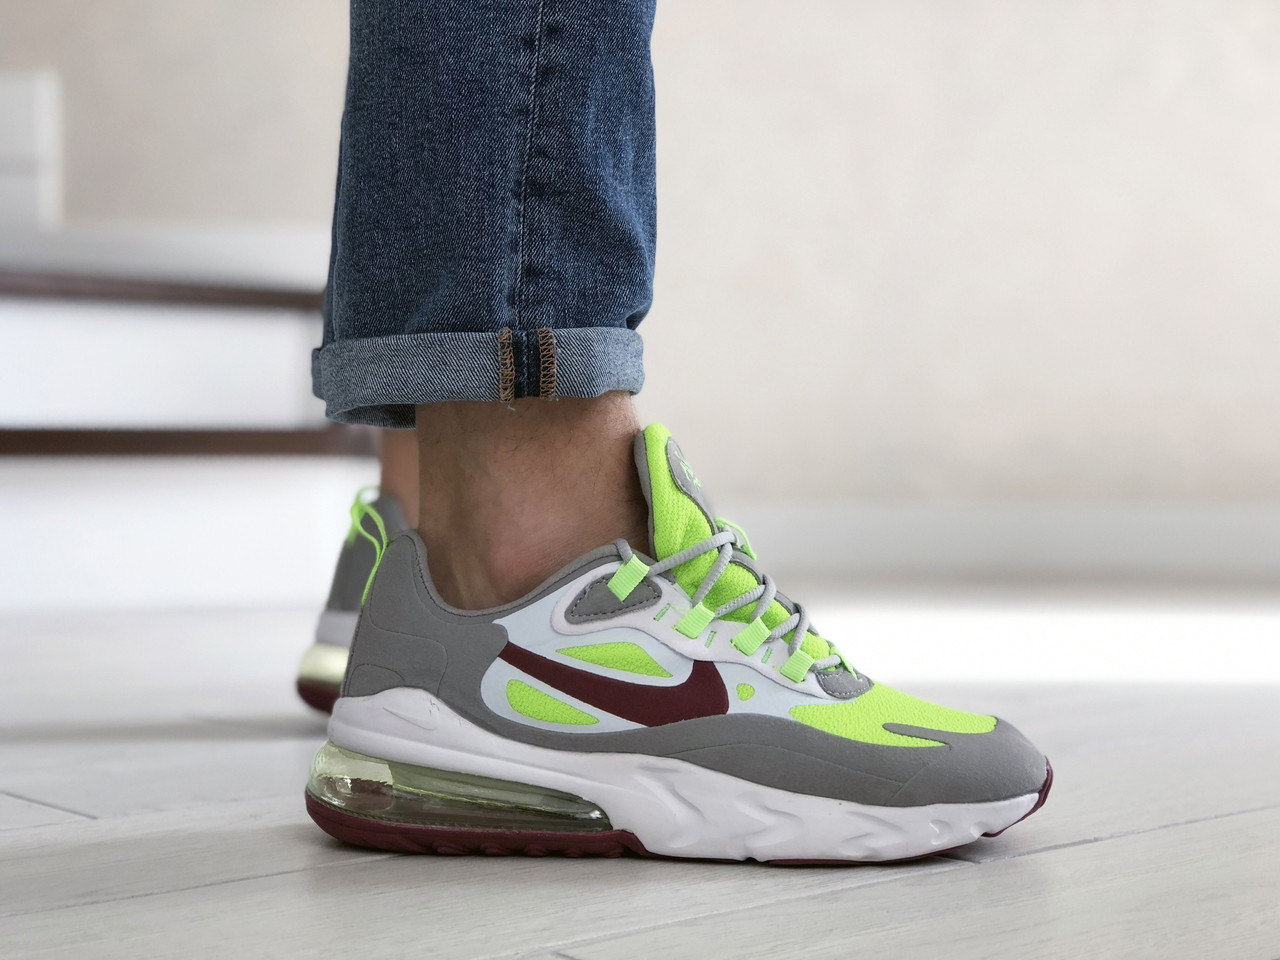 Чоловічі кросівки Nike Air Max 270 React сірі / текстильні кросівки Найк Реактив (Топ репліка ААА+)